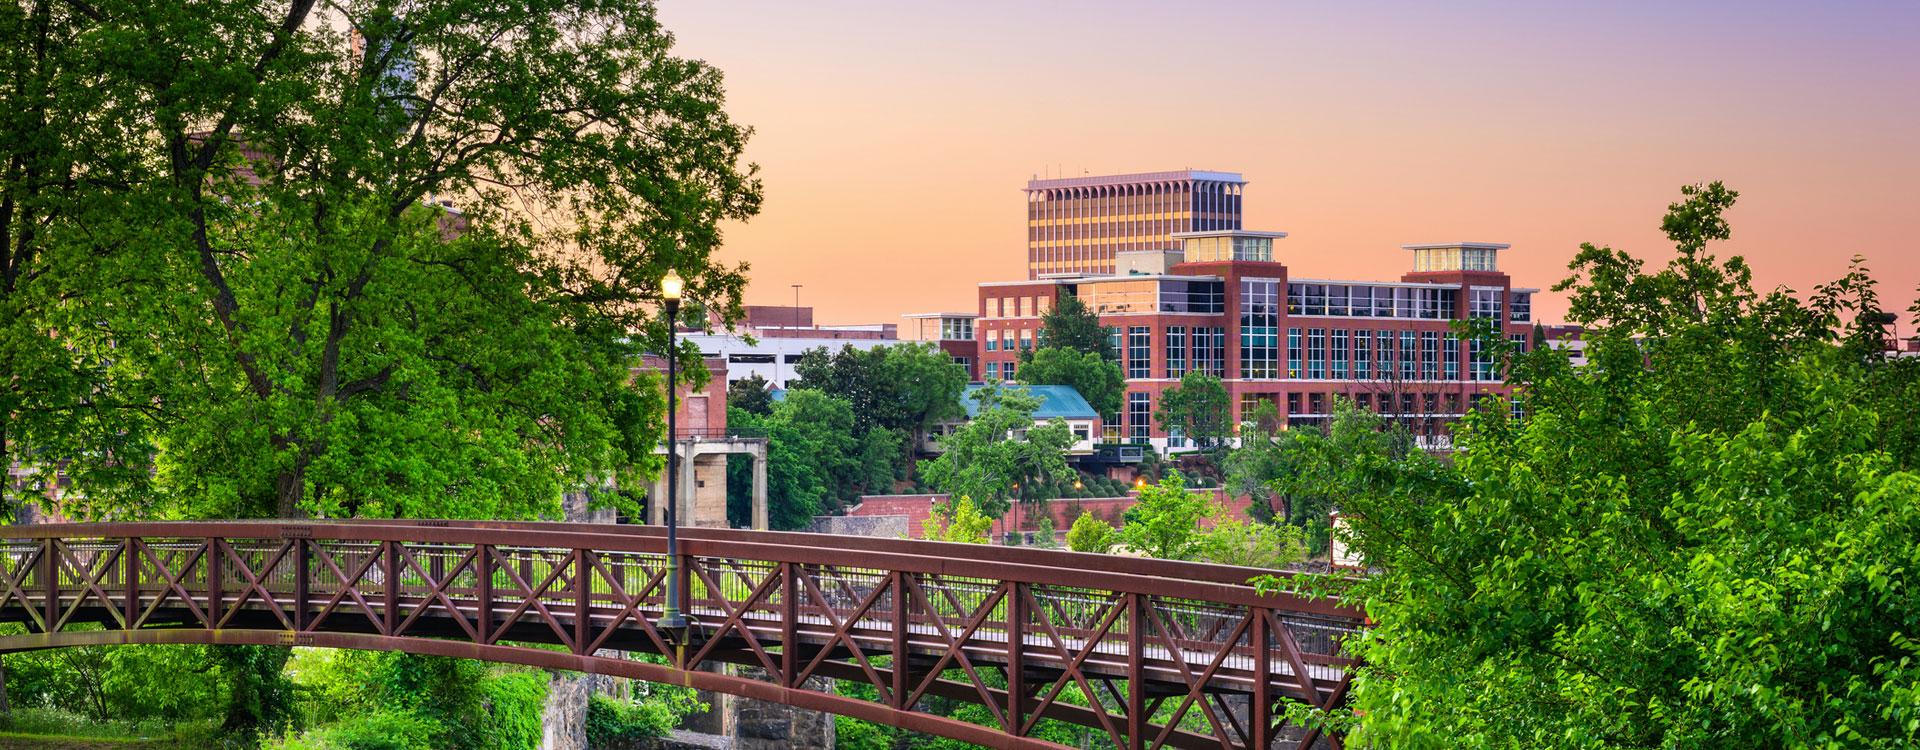 image of Columbus, GA Riverwalk from Phenix City, AL